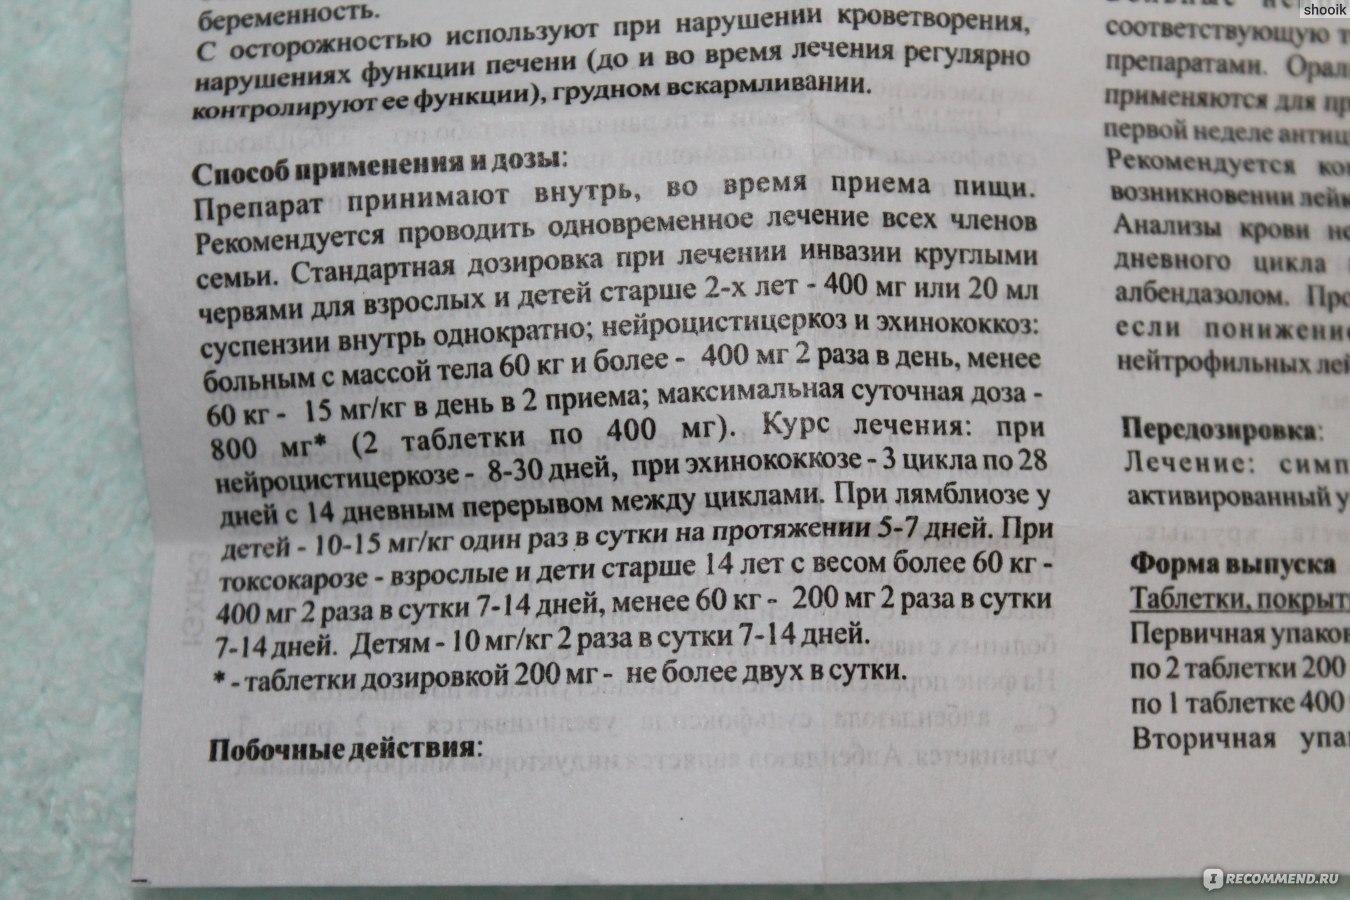 """""""немозол"""": инструкция по применению для детей, показания, схема лечения, дозировка - druggist.ru"""